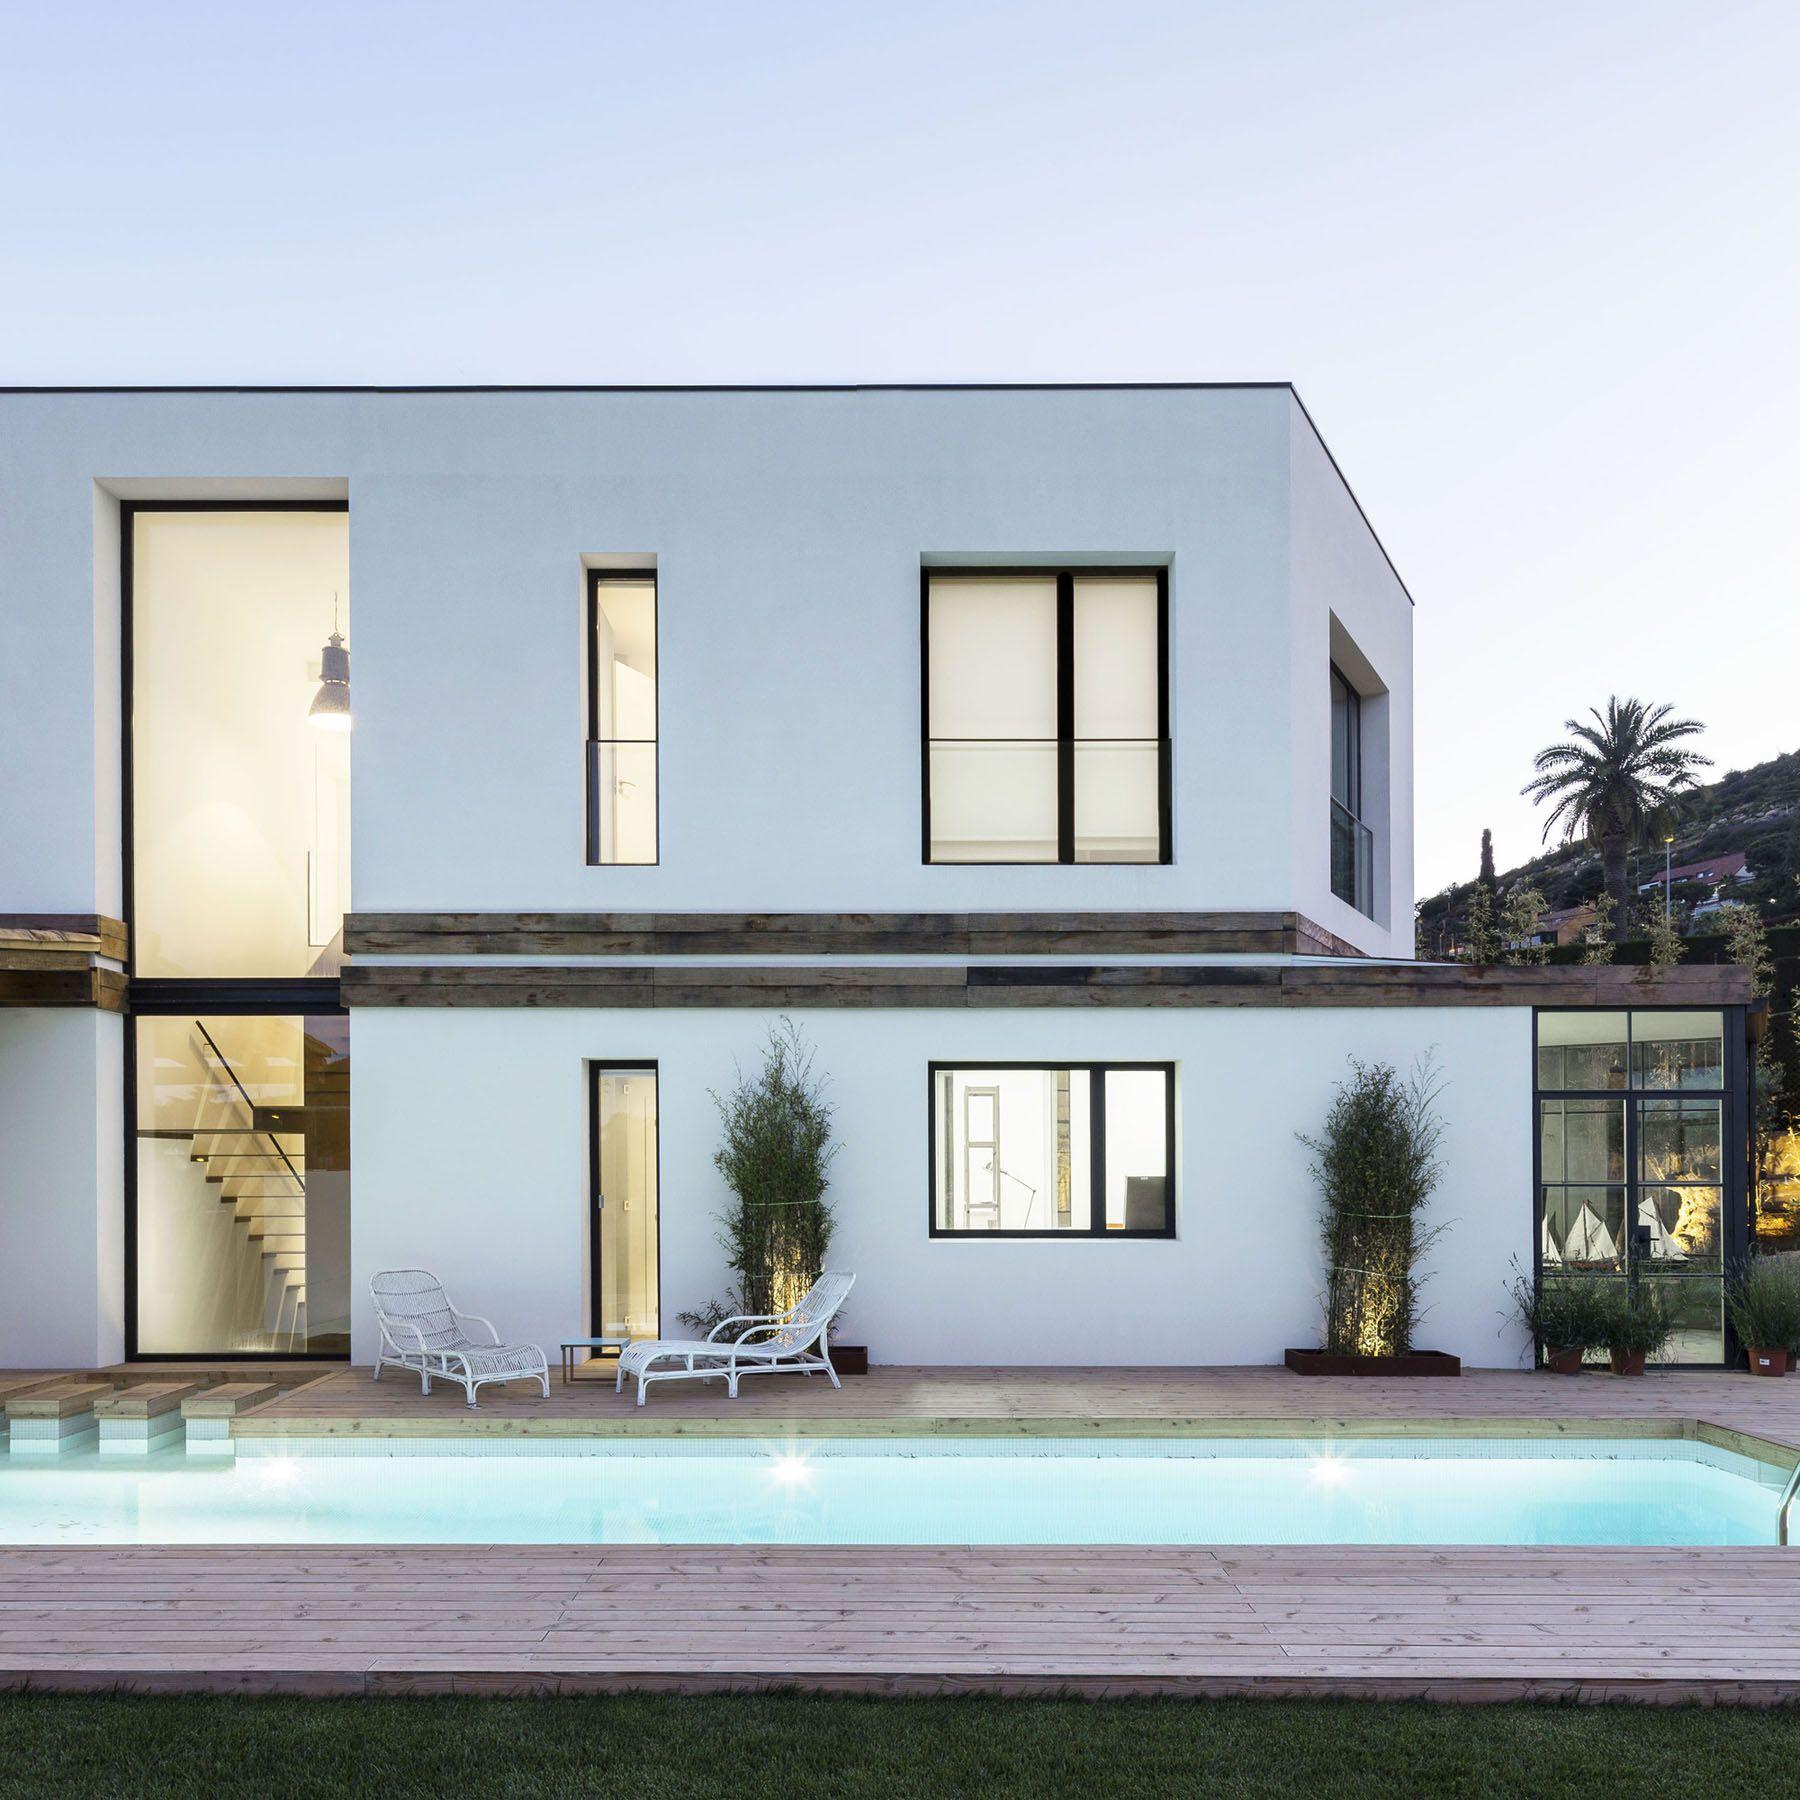 Architecture Design Home: Contemporary Neoclassical Architecture Home